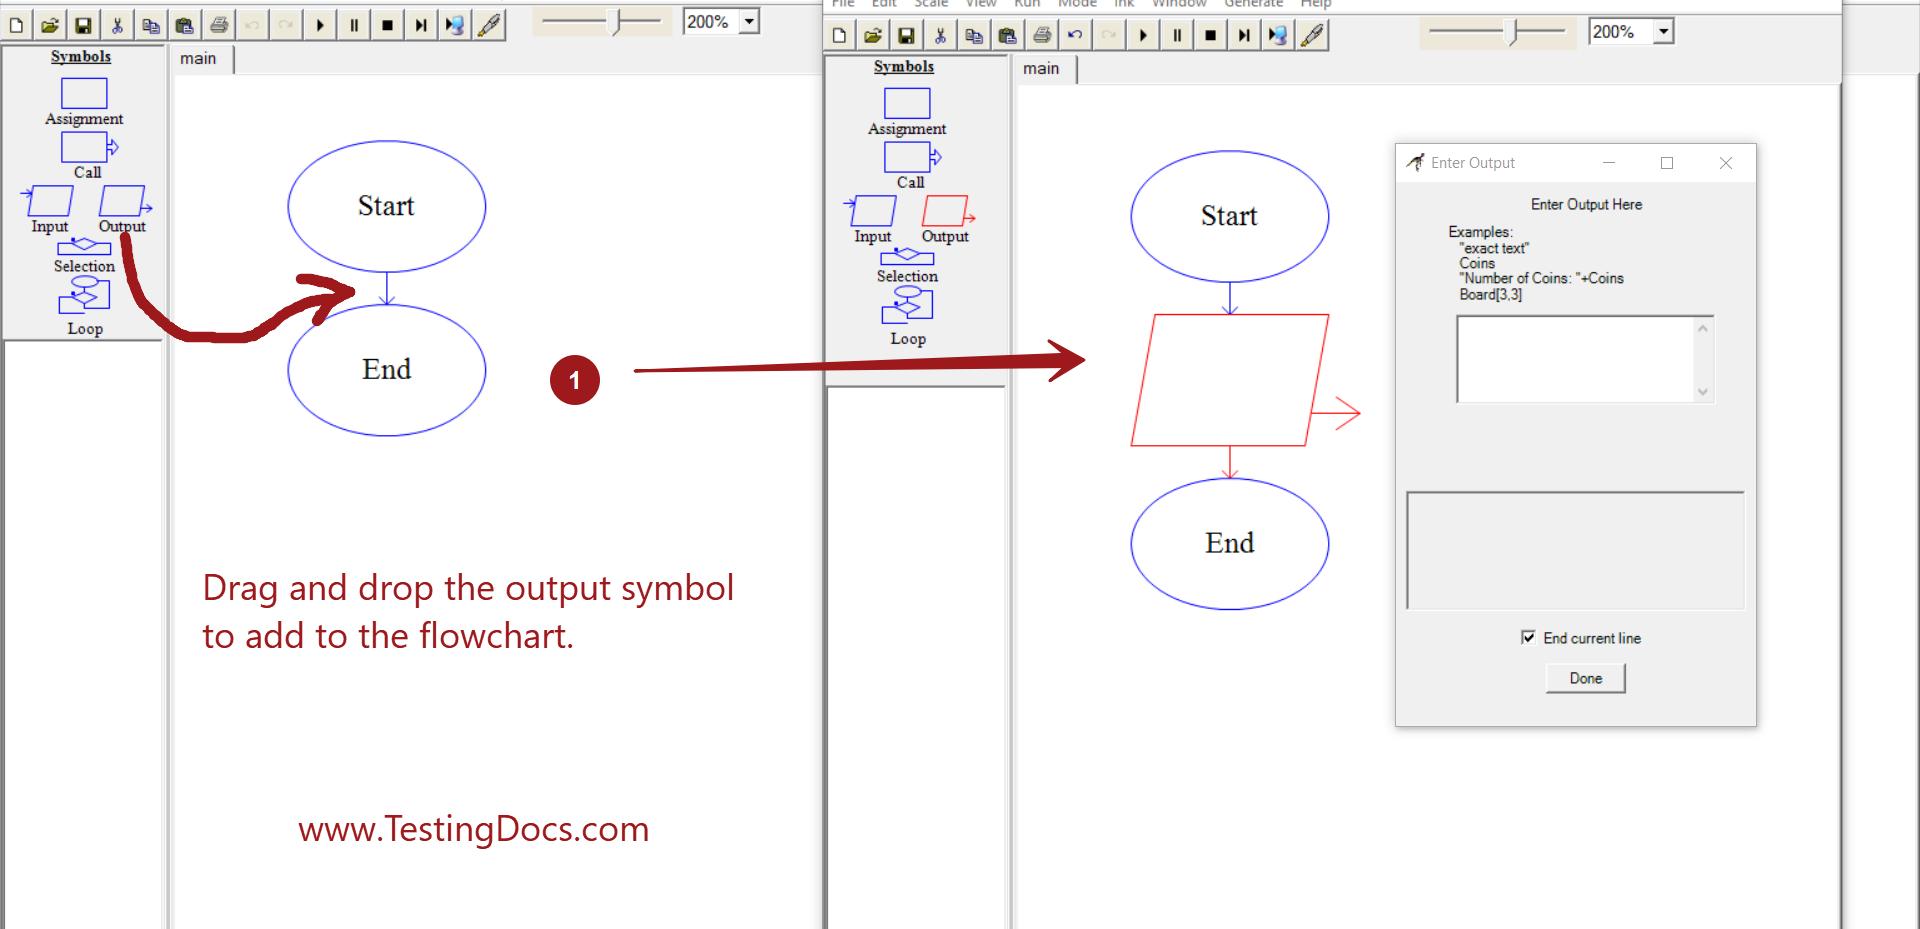 Drag and Drop Output Symbol